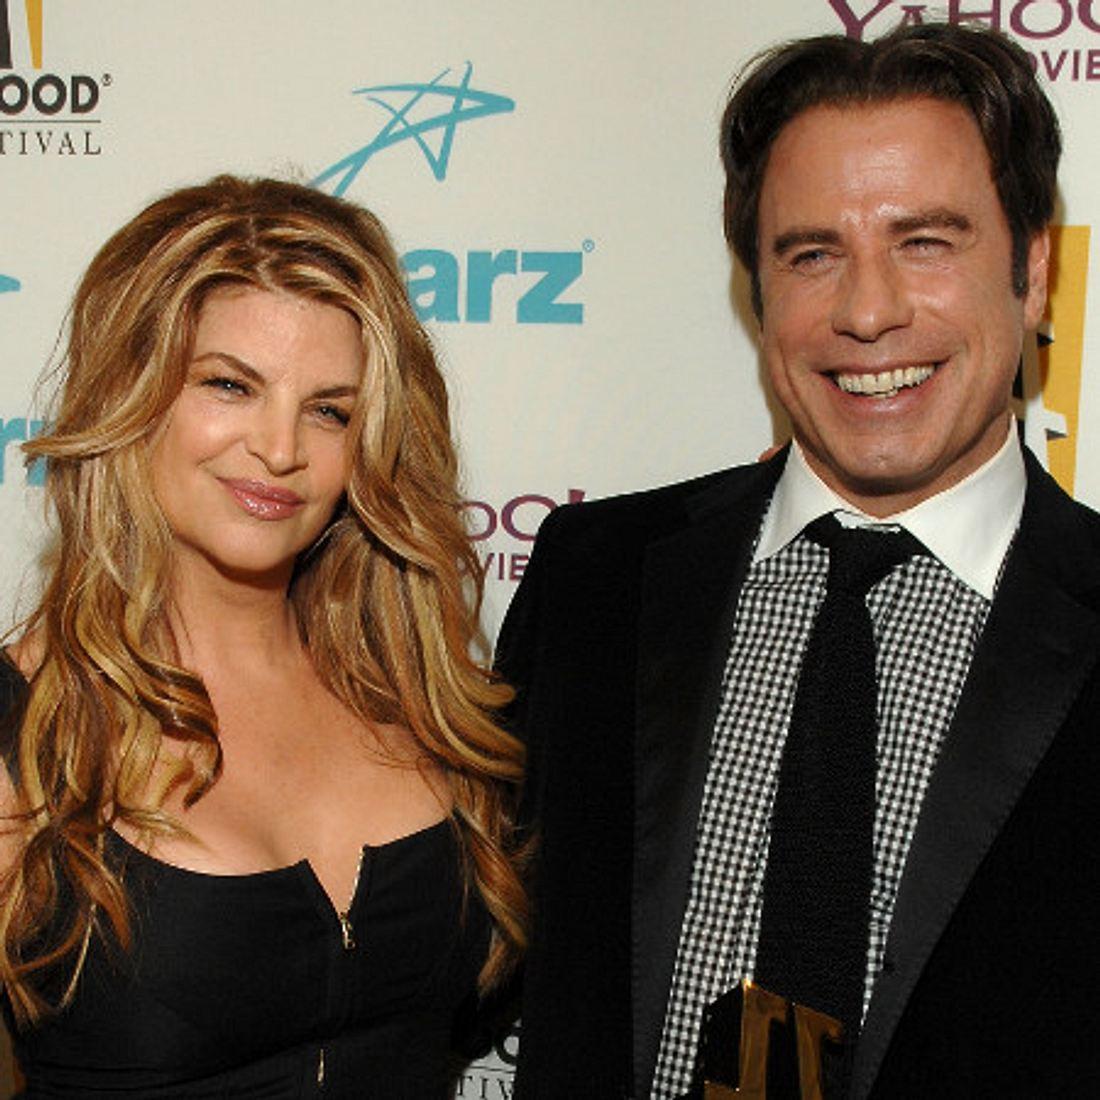 Sie waren DAS Traumpaar vor der Kamera: Kirstie Alley und John Travolta